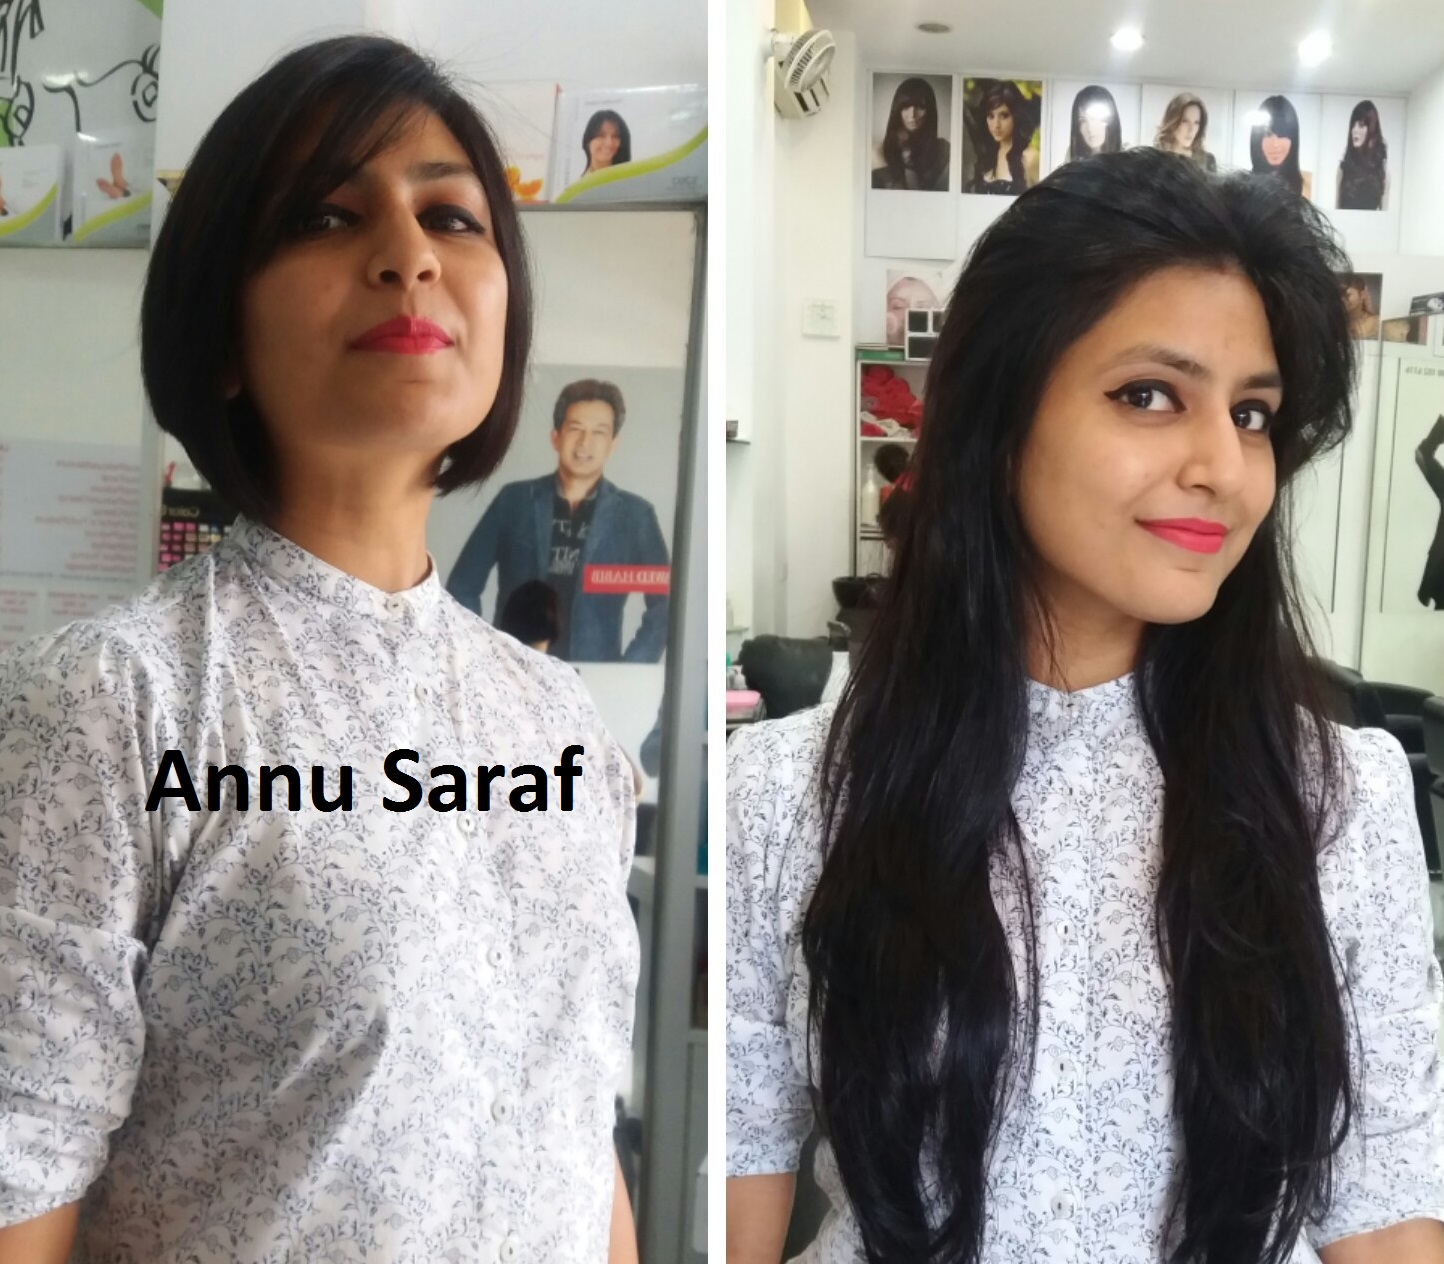 Annu Saraf